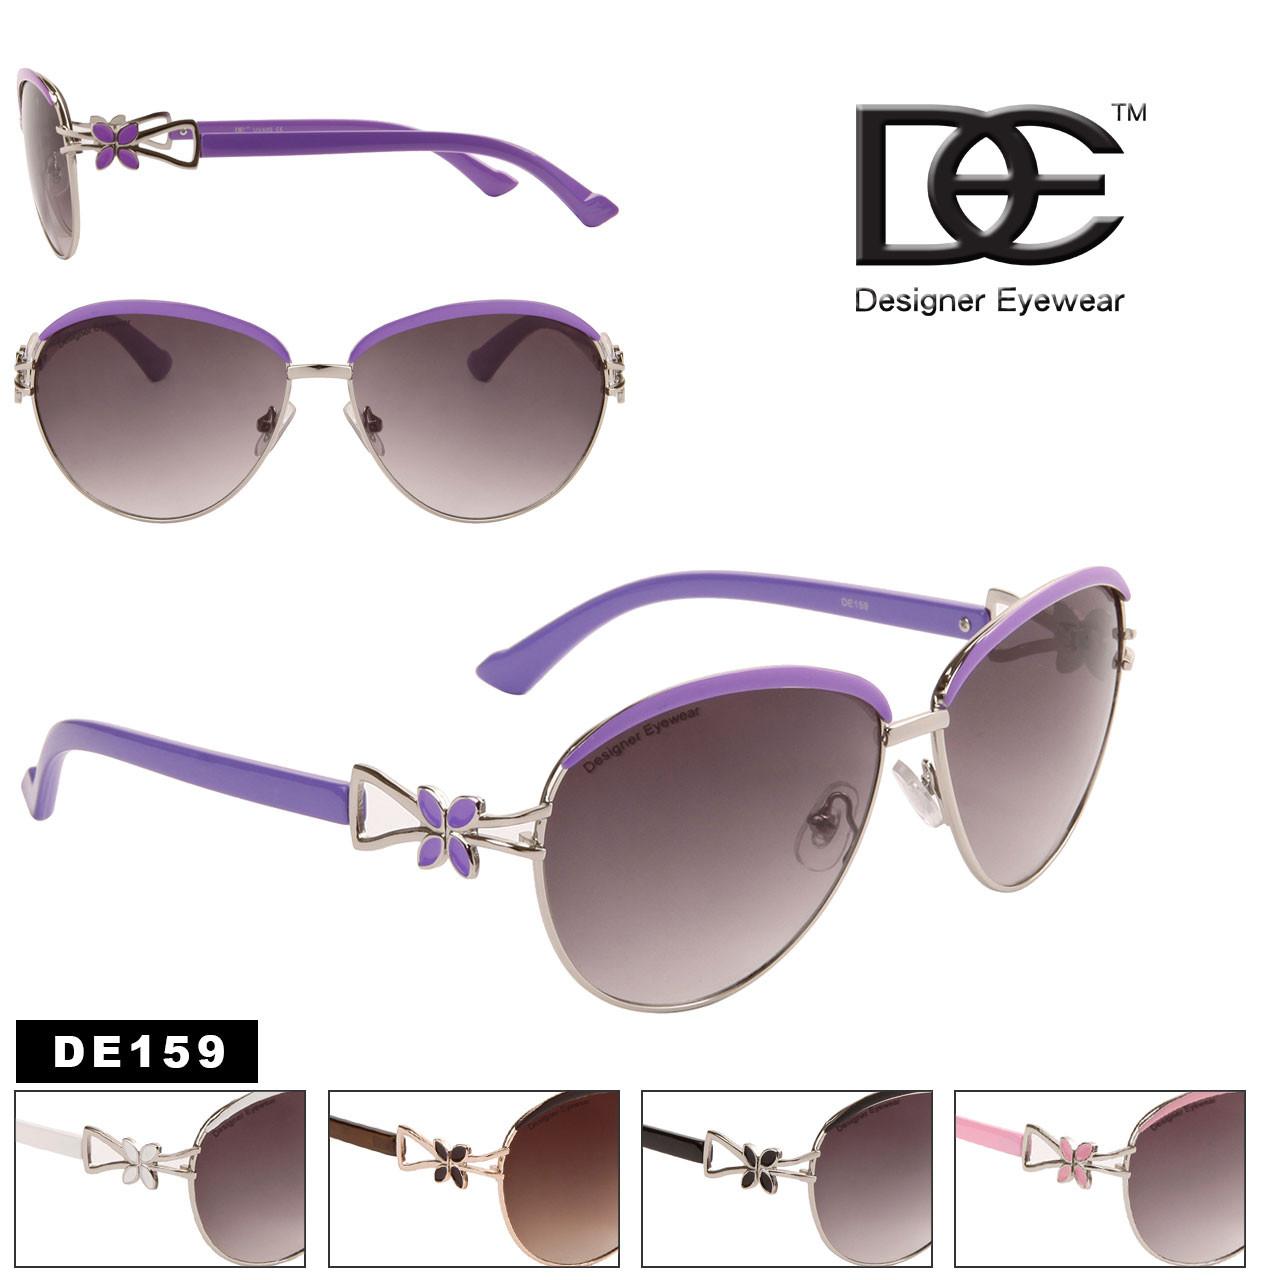 DE™ Wholesale Fashion Sunglasses - Style #DE159